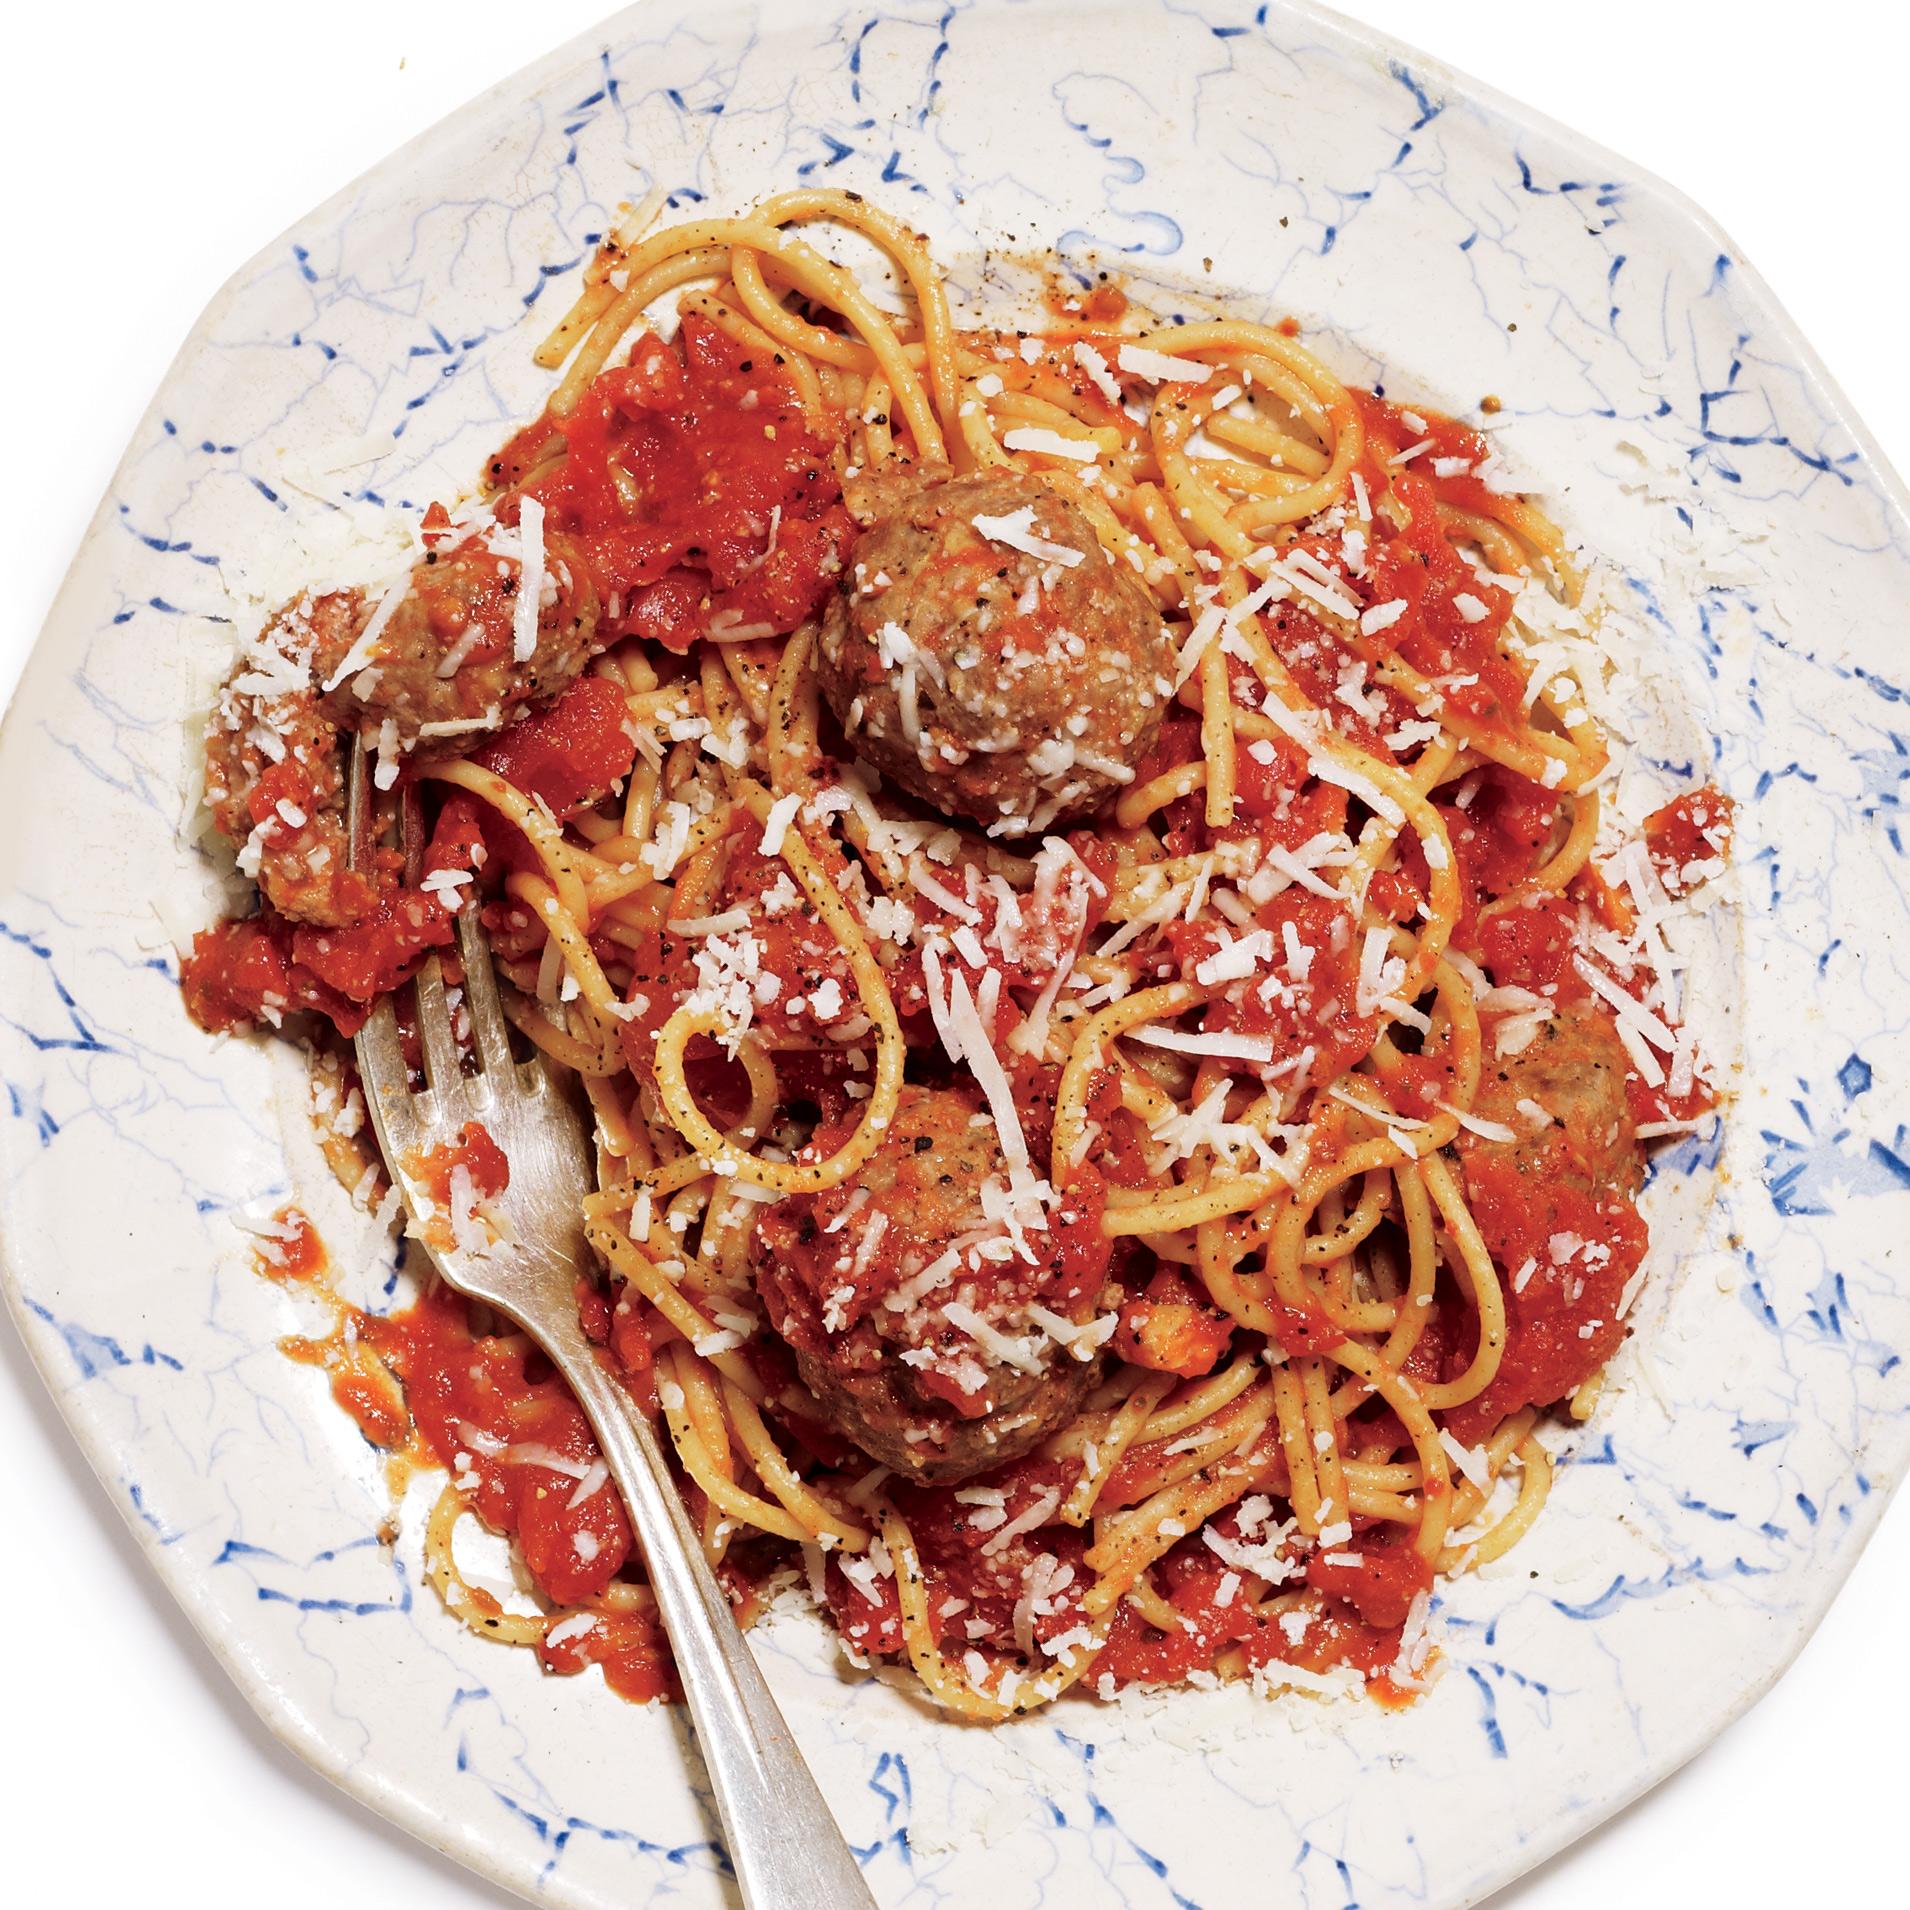 psghetti meatballs